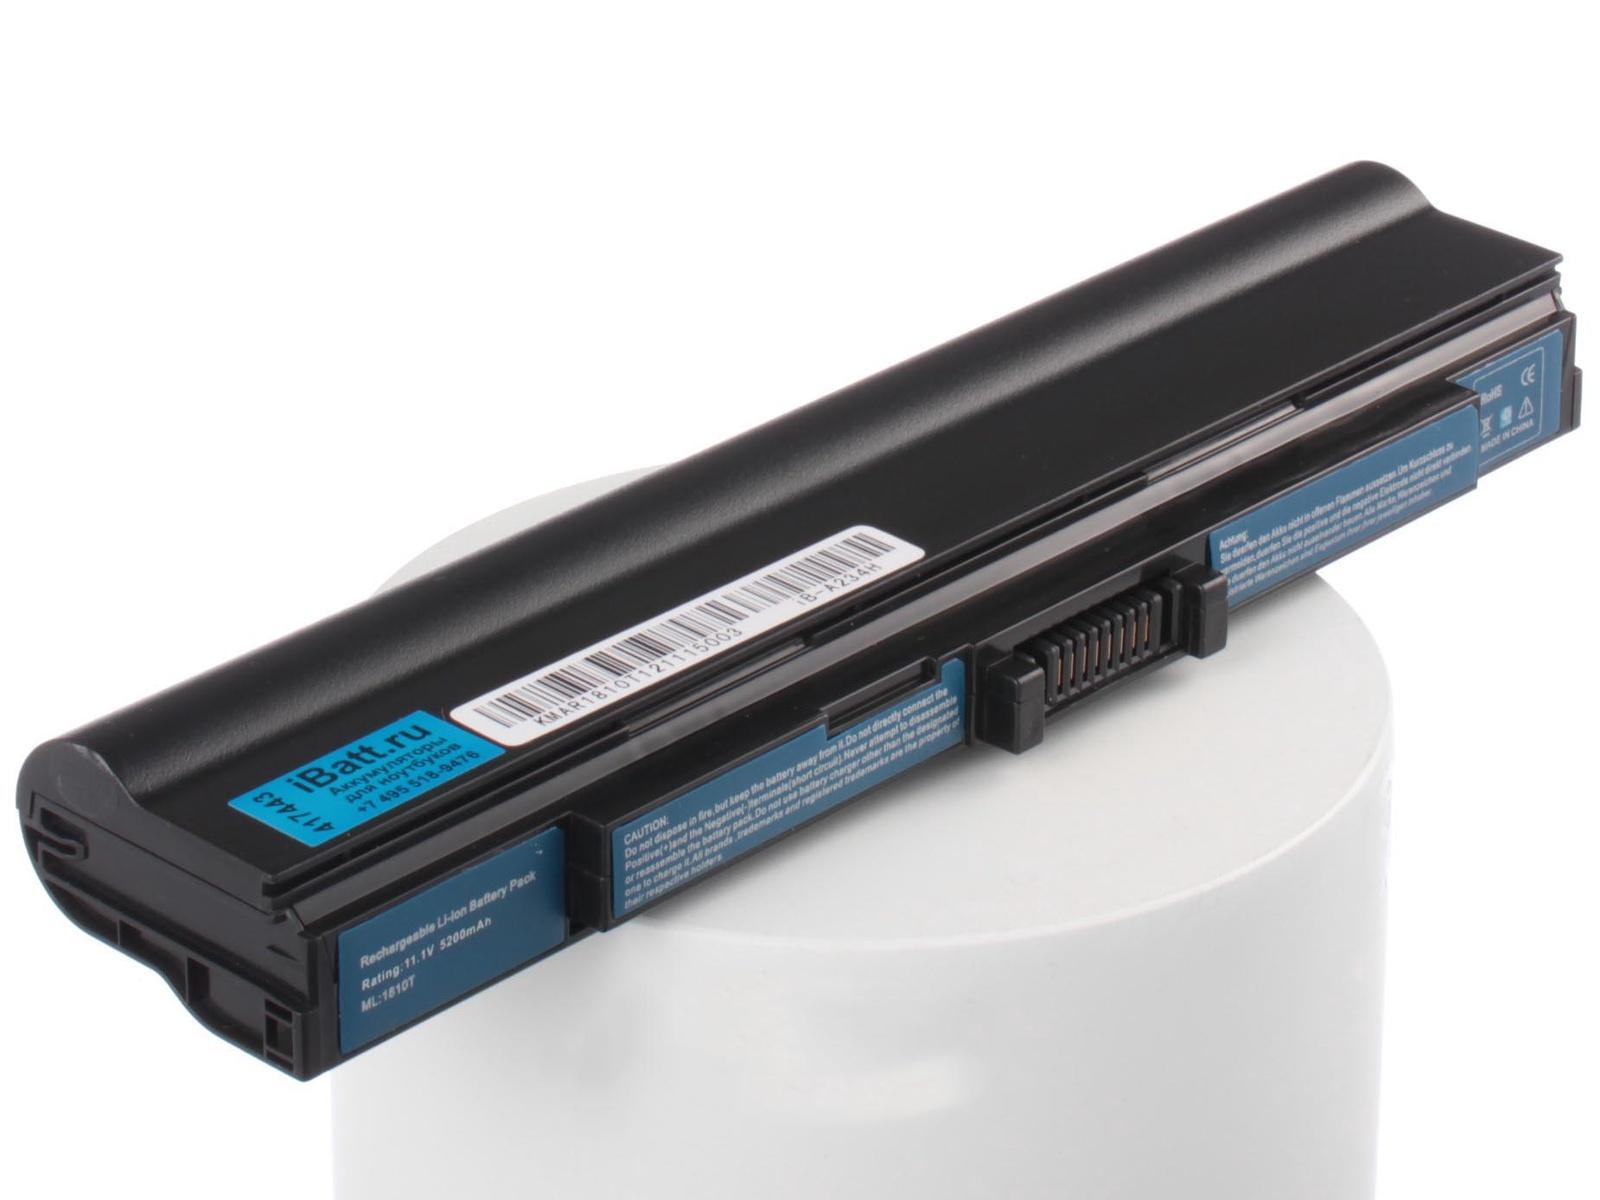 Аккумулятор для ноутбука iBatt Acer, Gateway, Packard Bell UM09E31, UM09E51, UM09E71, UM09E36, UM09E32, UM09E70 универсальный внешний аккумулятор topon top t72 w 18000mah 66 6wh с 2 usb портами и qc 2 0 для зарядки ноутбука белый